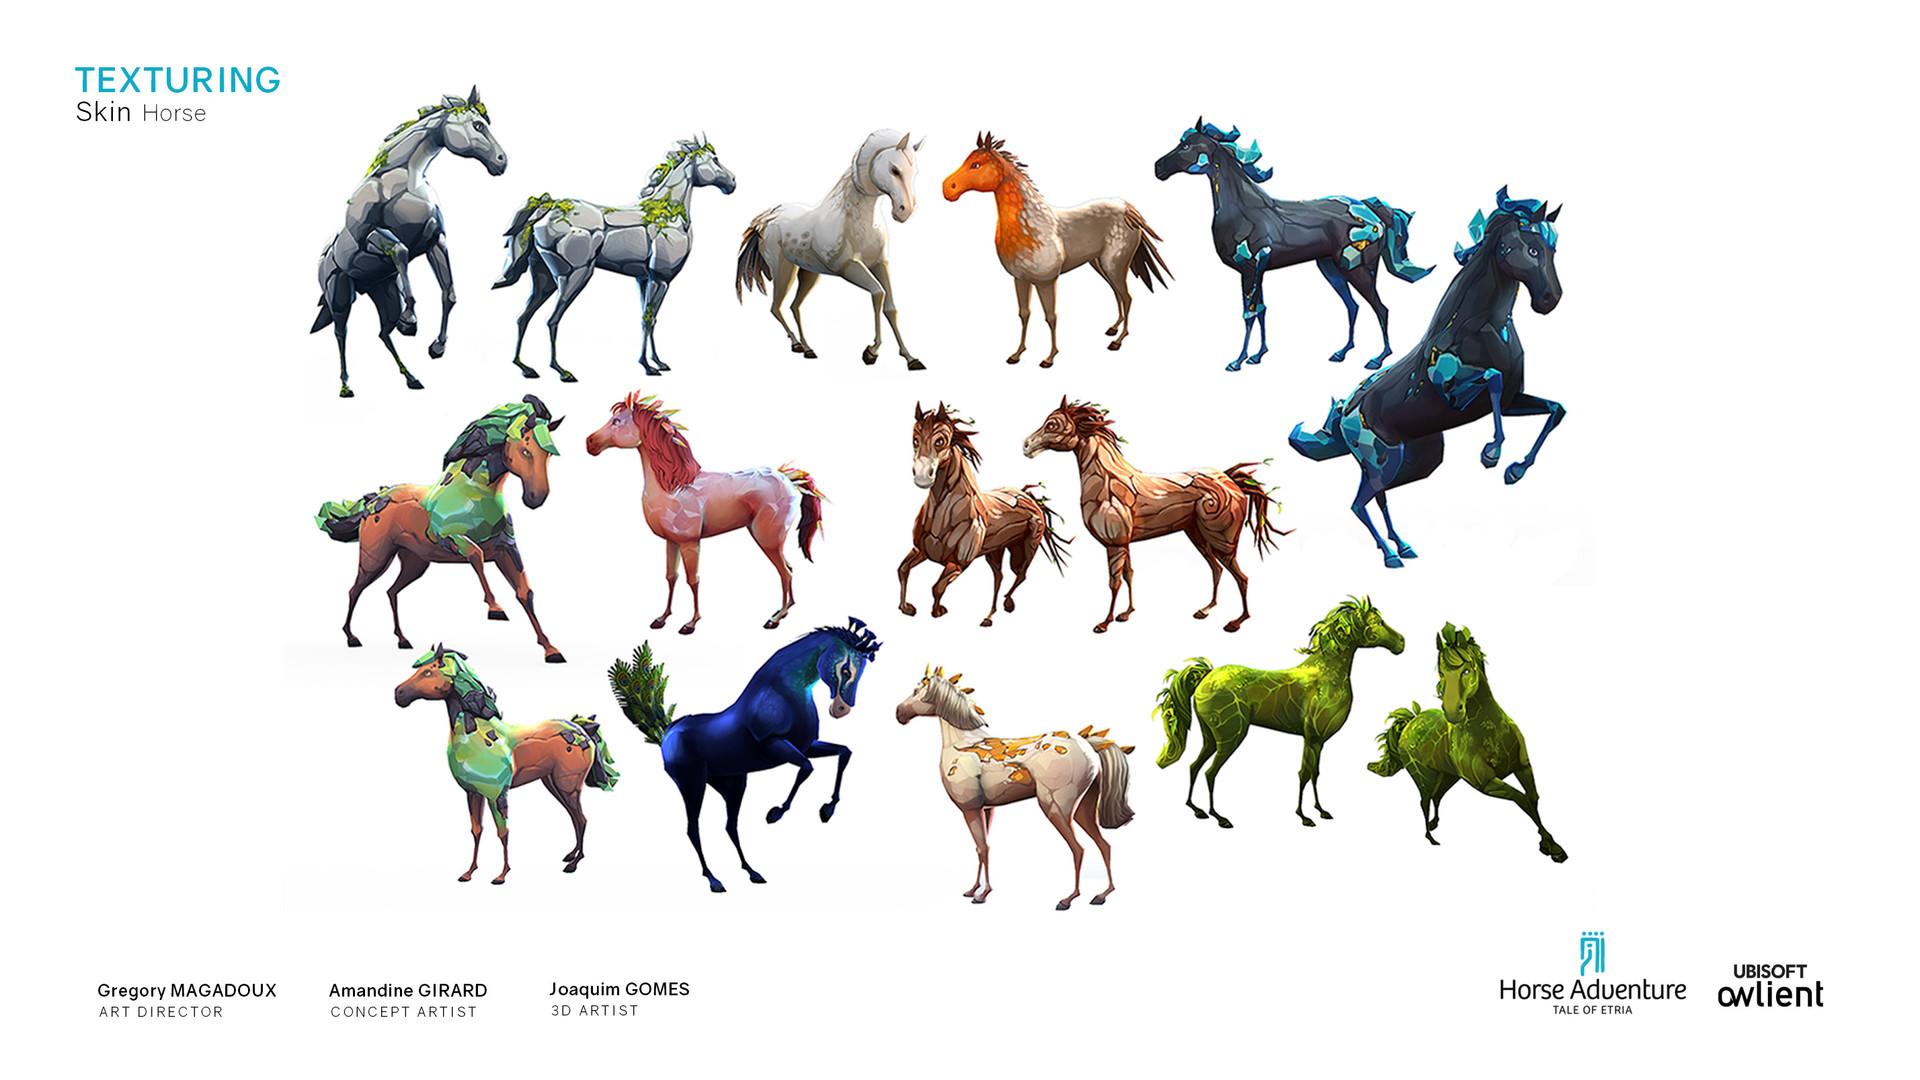 Koni amandine girard amandine girard koni horseadventure horse texturing